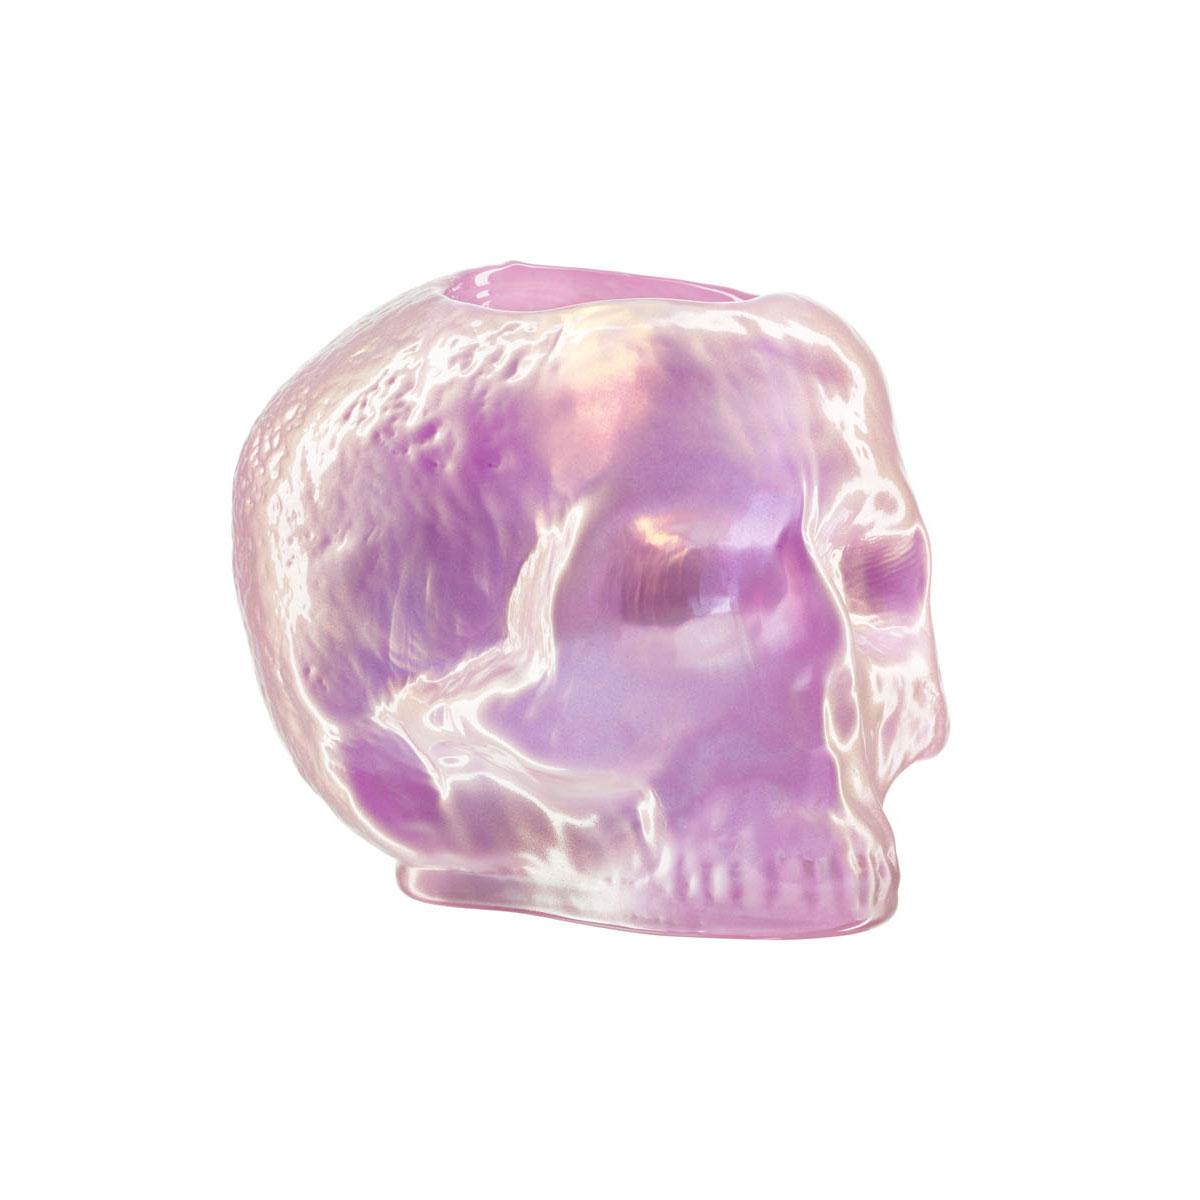 Kosta Boda Still Life Skull Crystal Votive, Light Pink